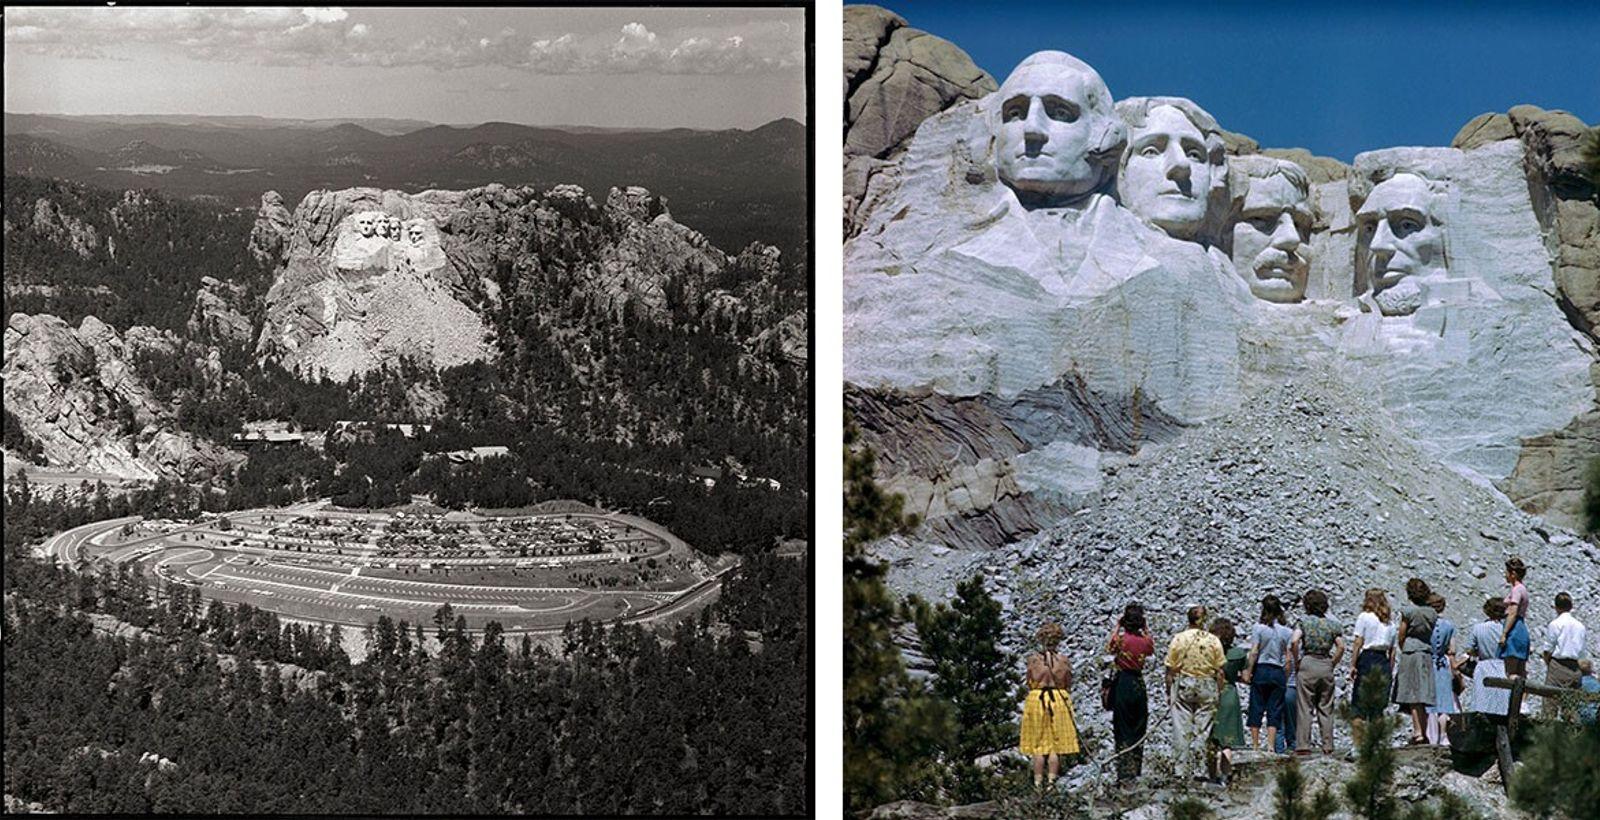 Esquerda: Uma vista aérea do Monte Rushmore captada em 1967 mostra as quatro faces presidenciais, as montanhas ...